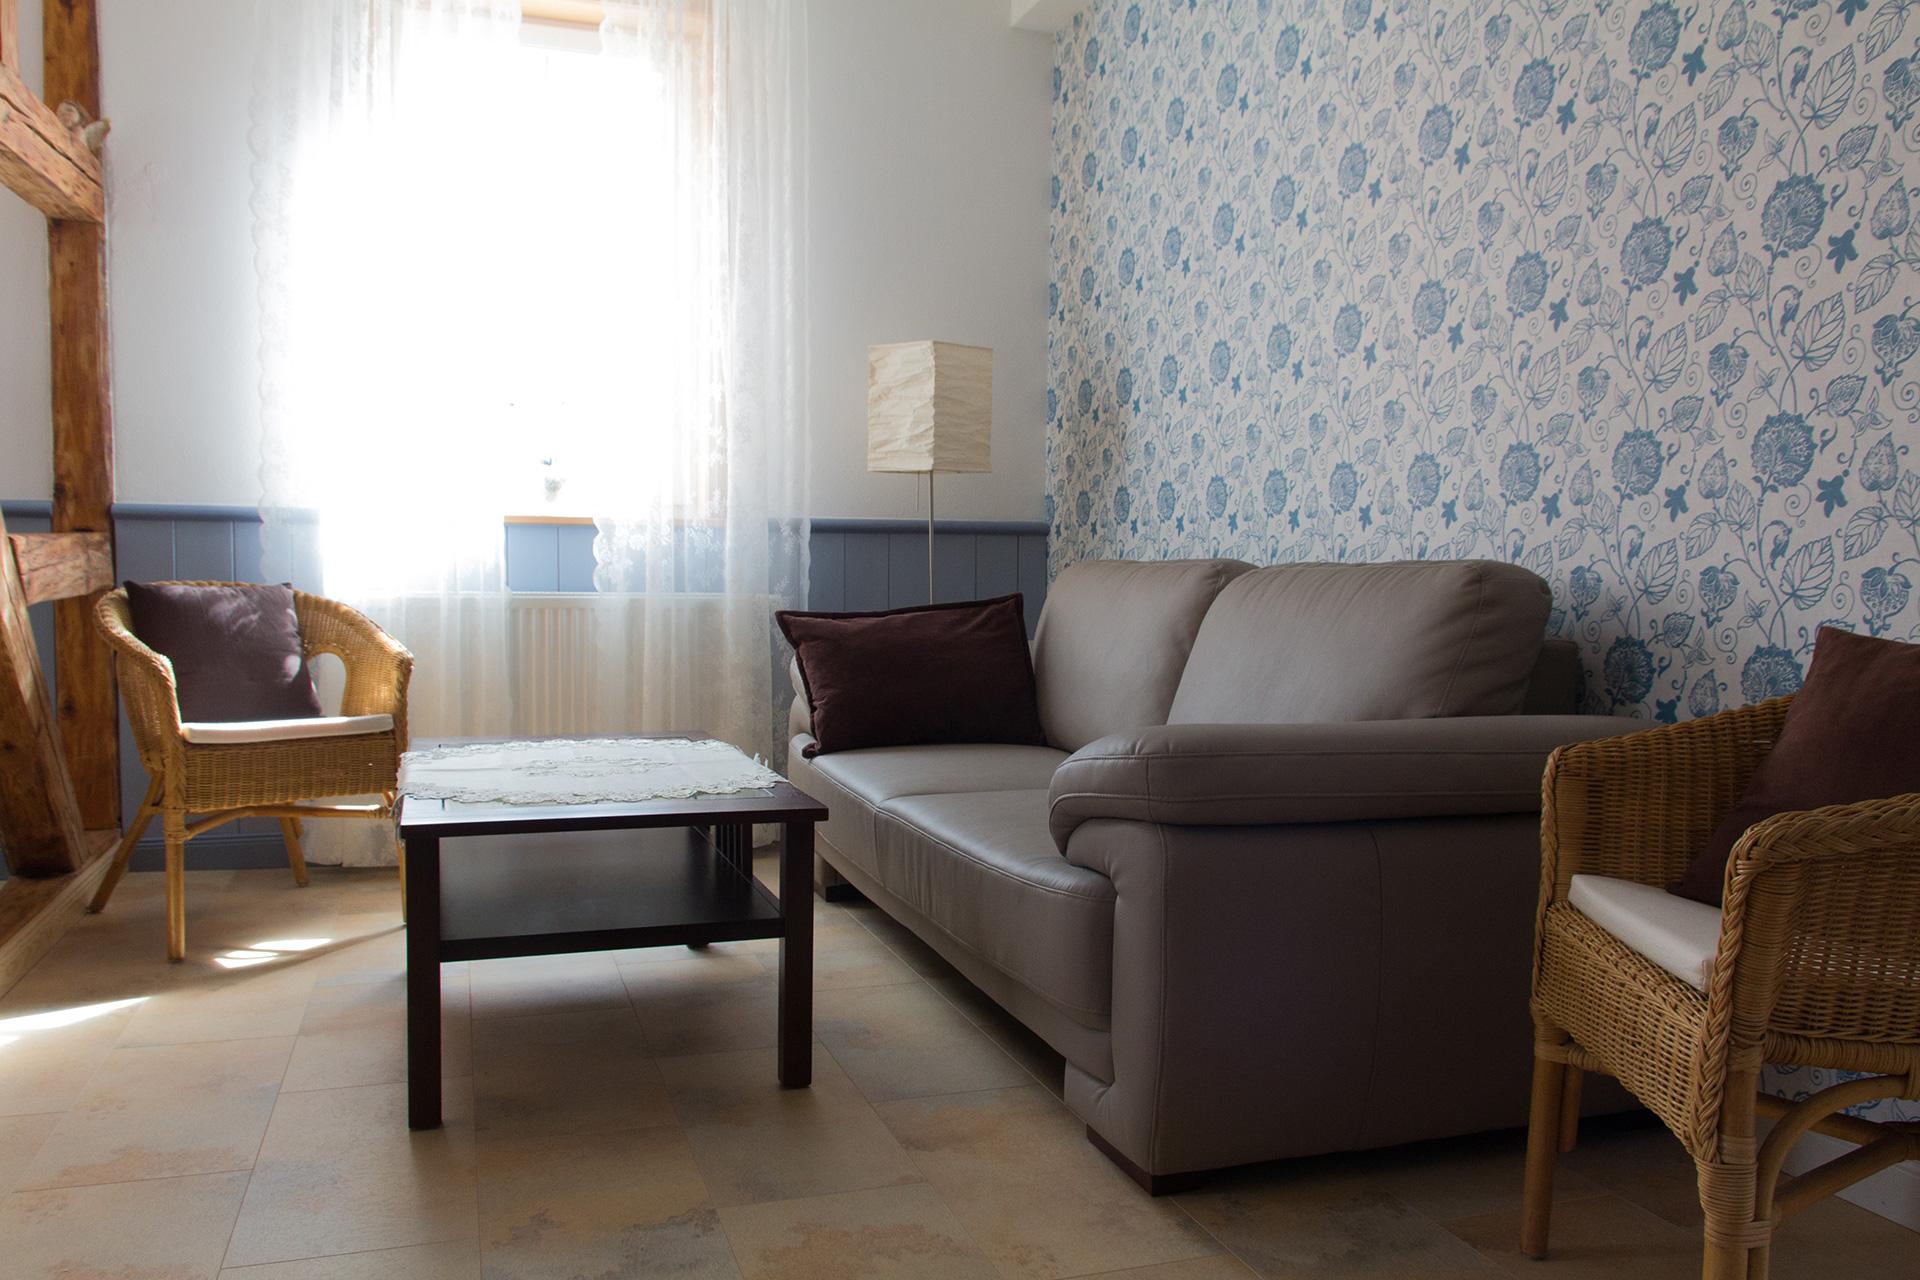 Ferienwohnung Amtsstube - Wohnbereich